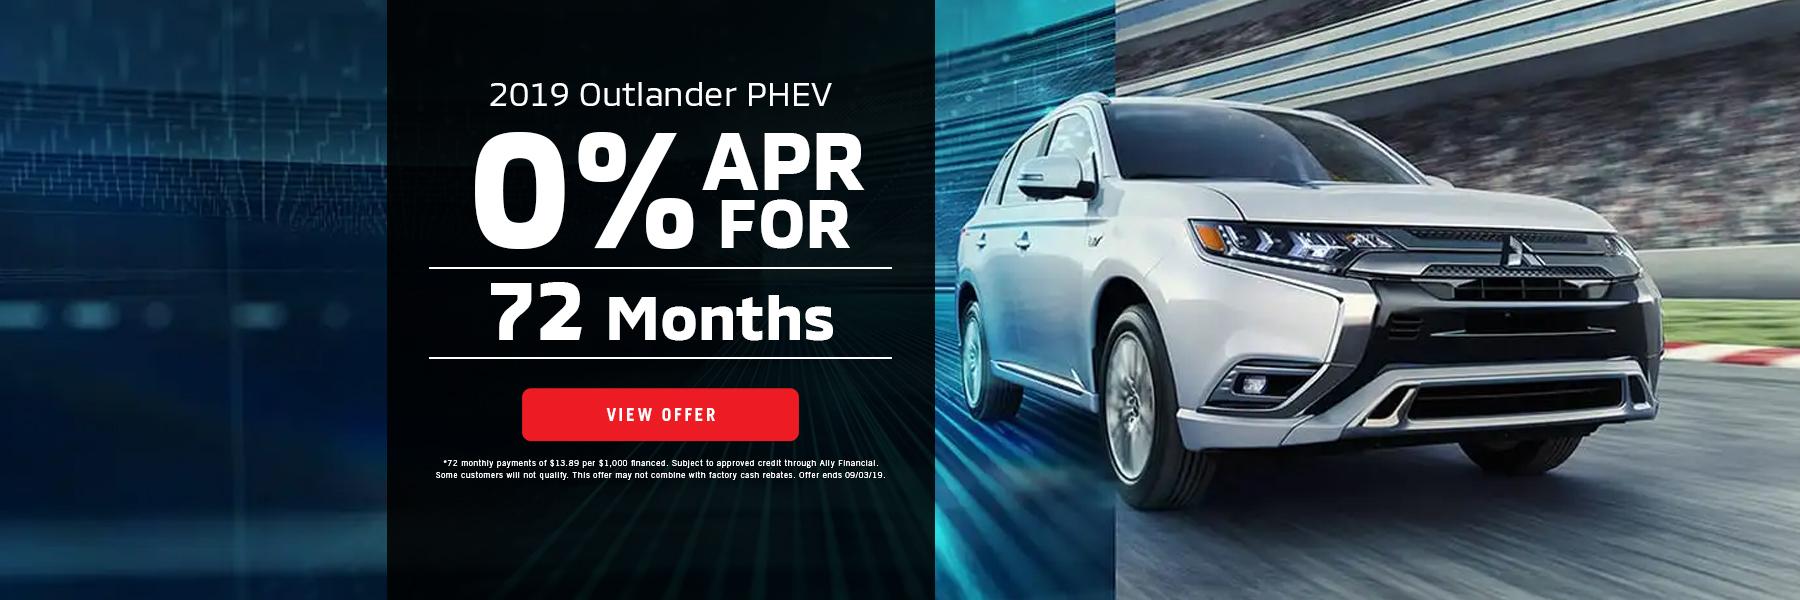 0% APR for 72 Mo. Outlander PHEV